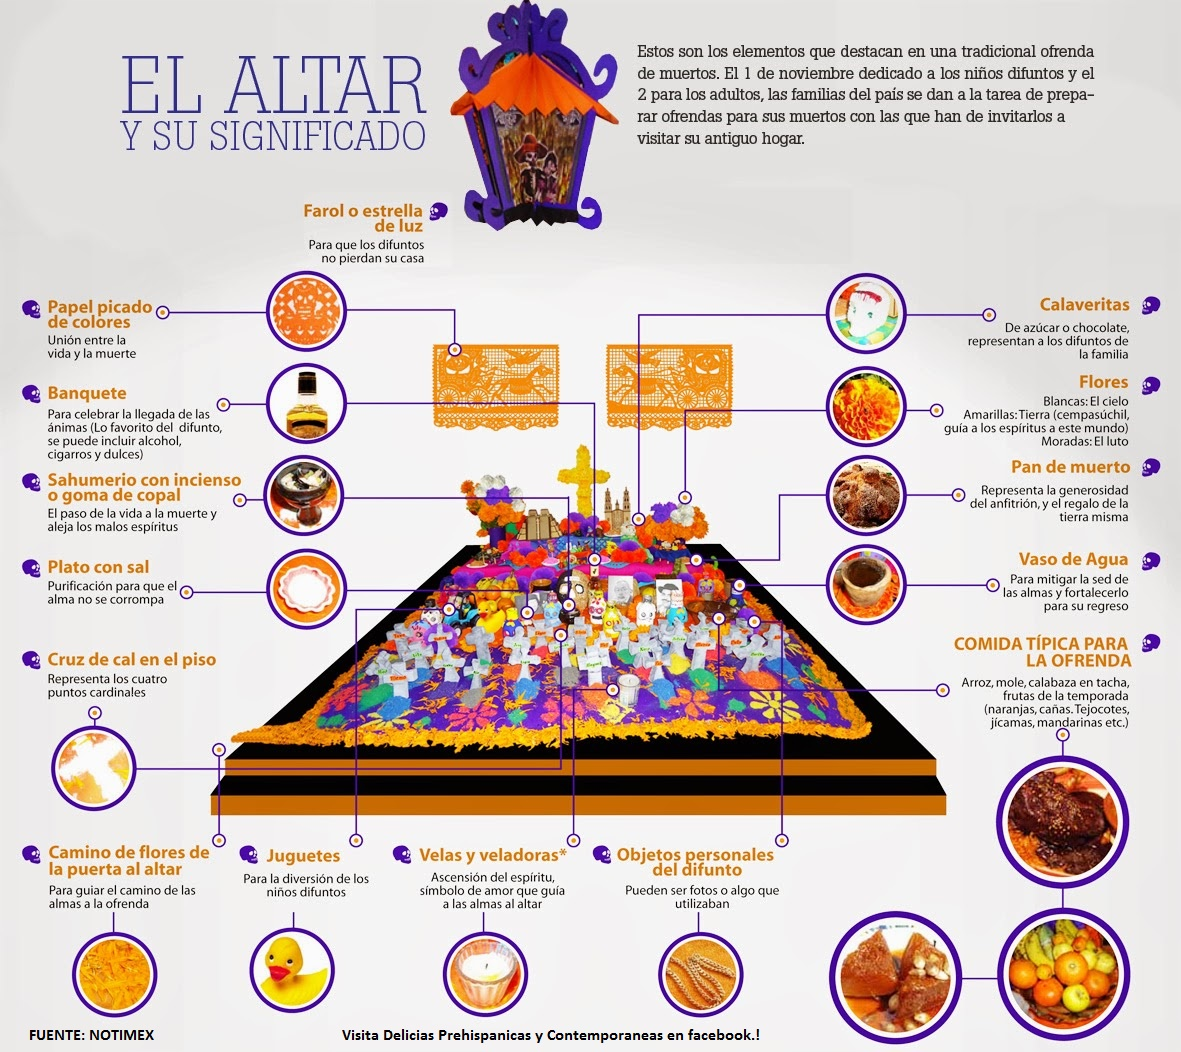 El Altar de Muertos y su Significado